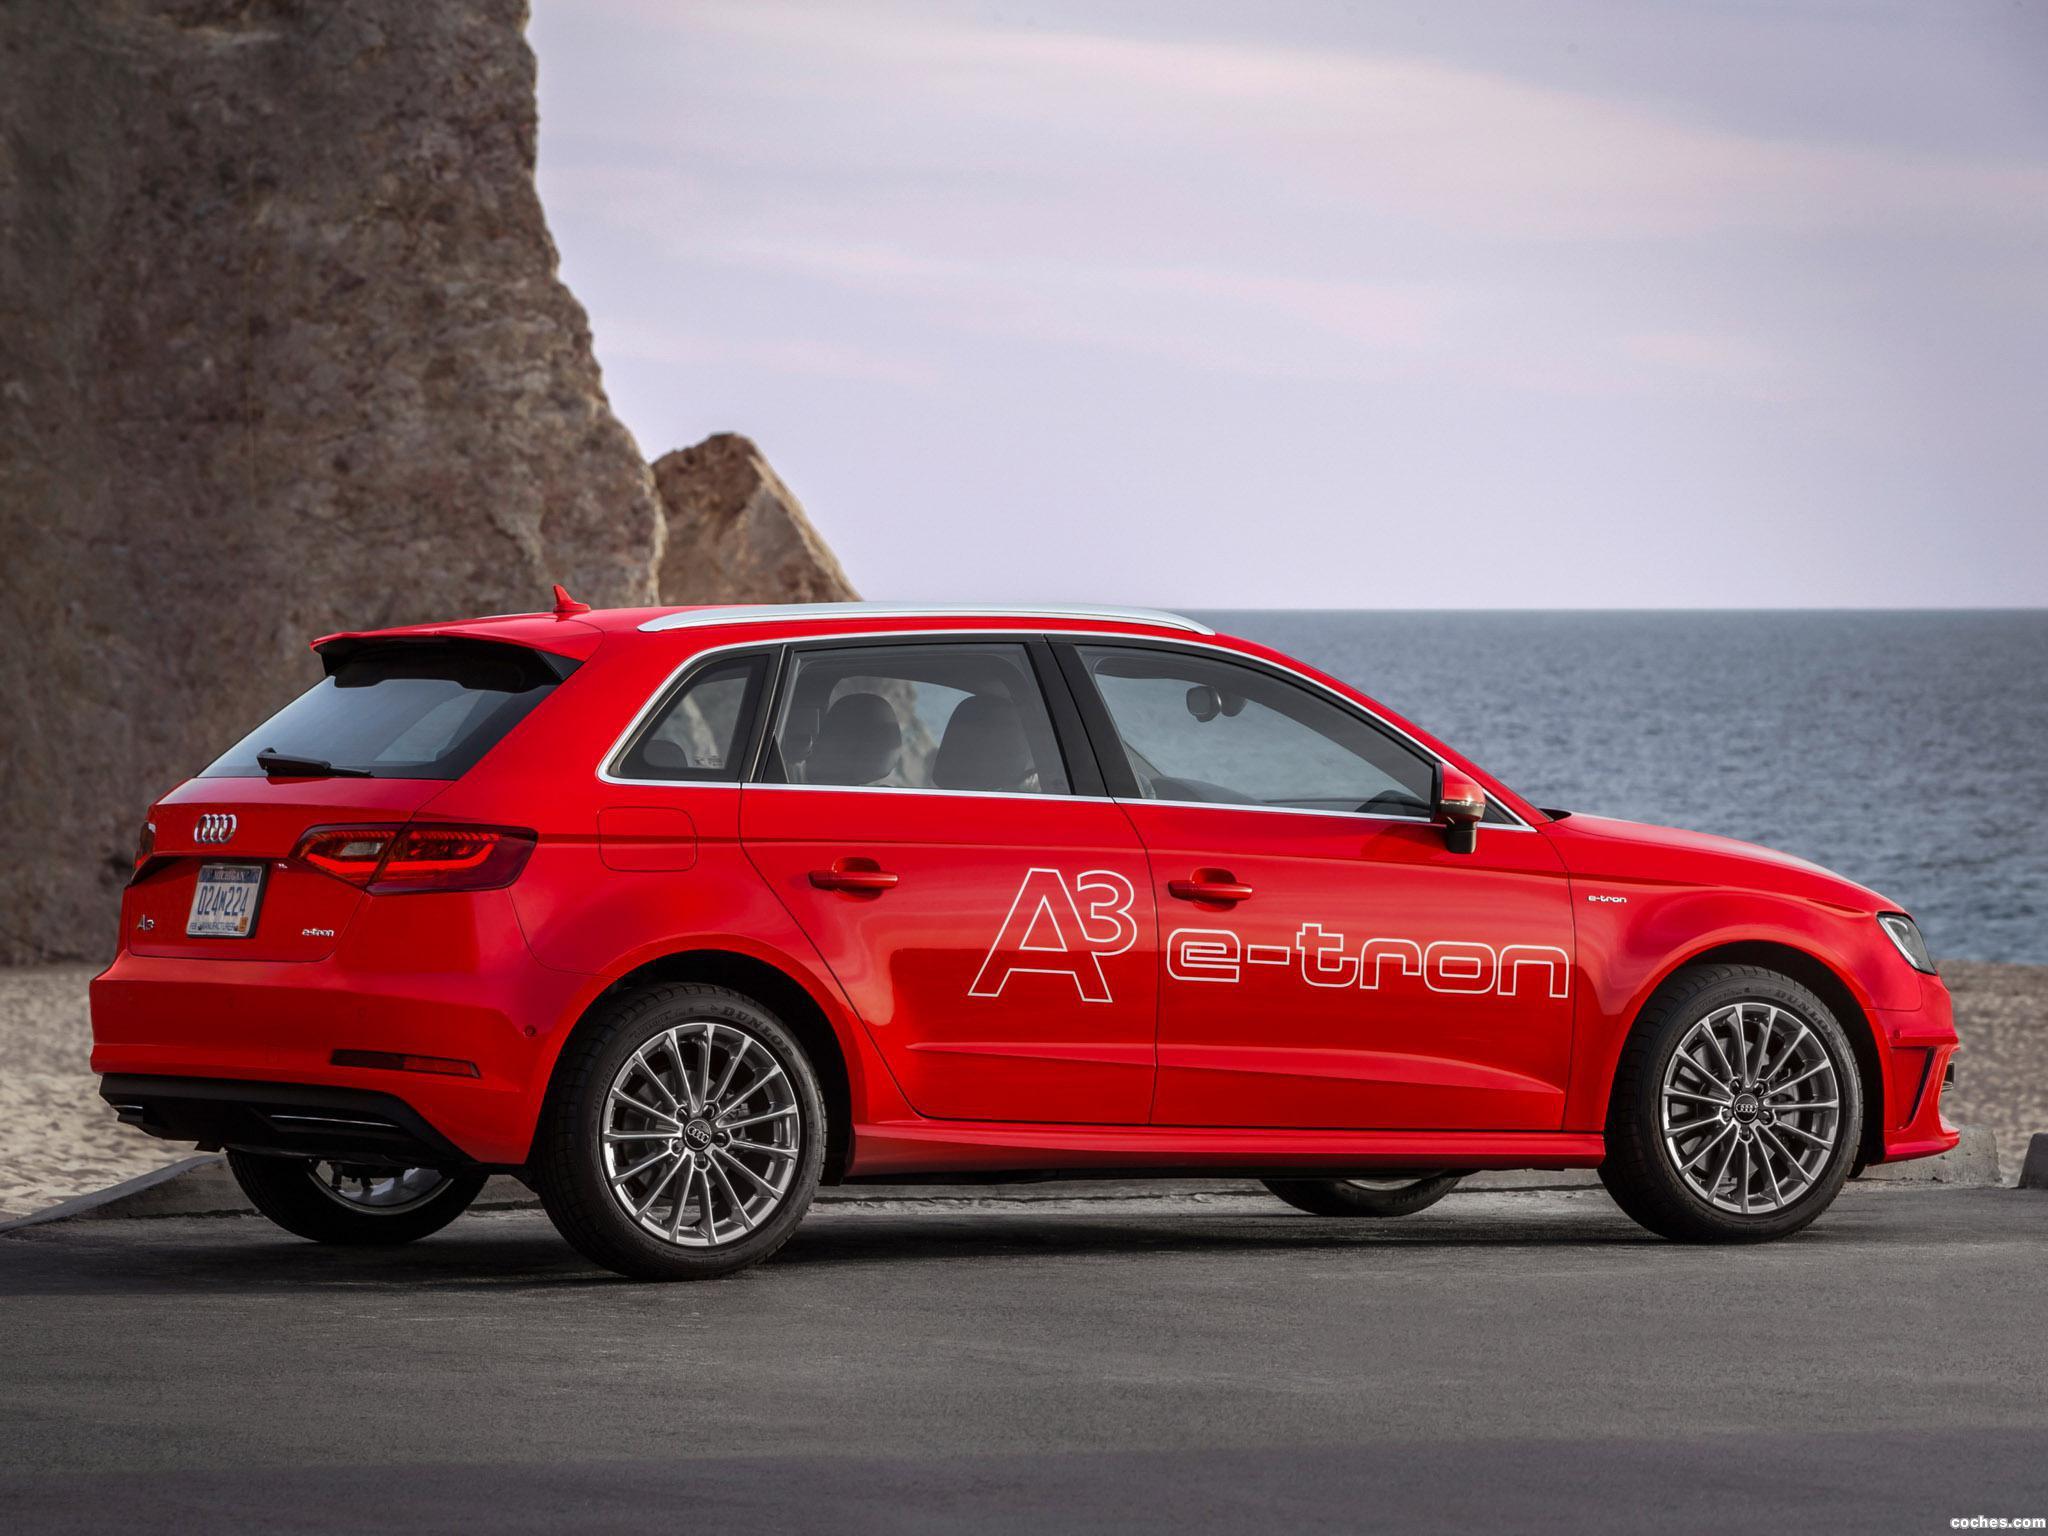 Foto 11 de Audi A3 Sportback e-Tron 2014